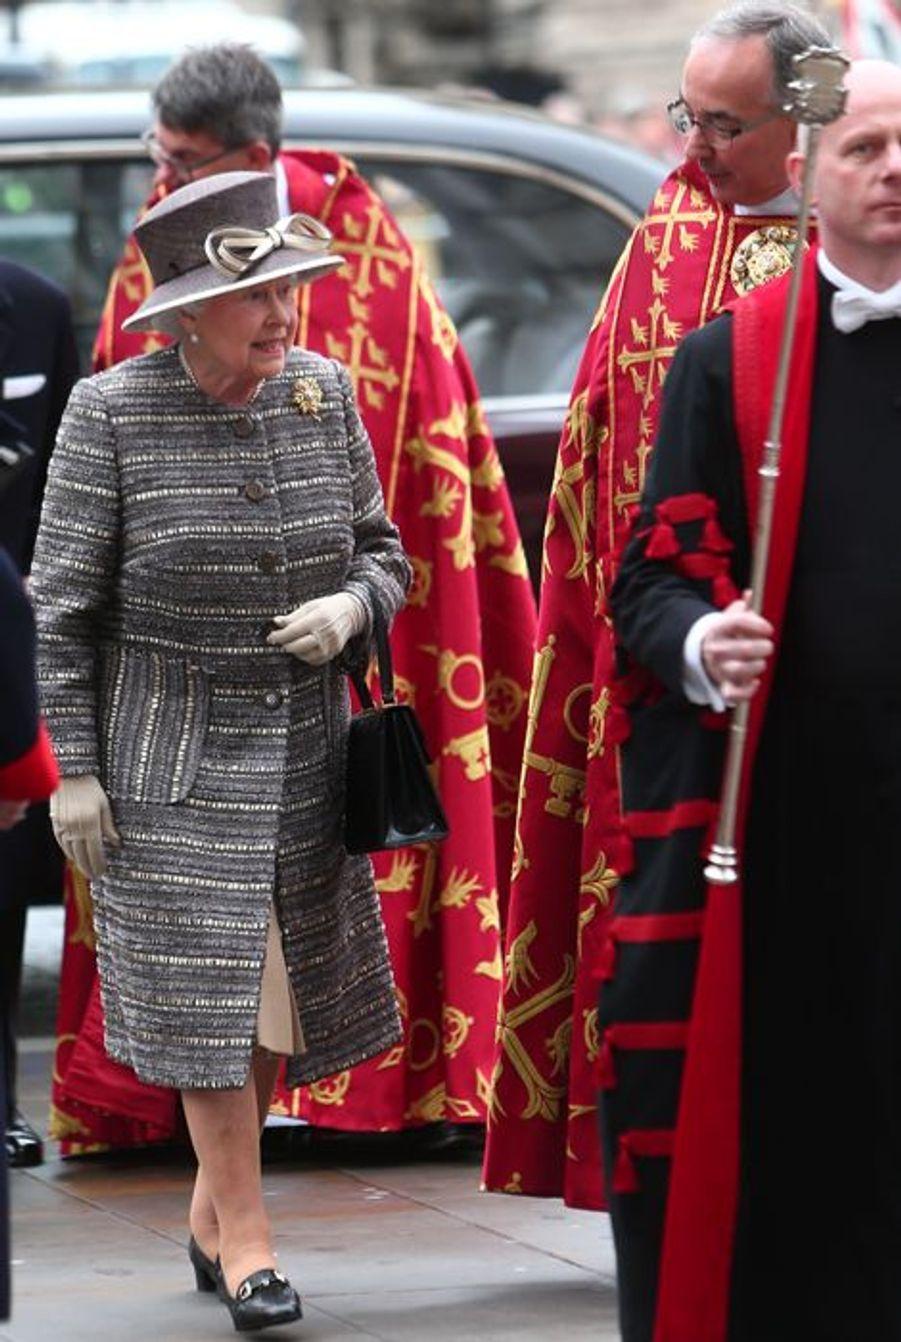 La reine Elizabeth II arrive à l'abbaye de Westminster, le 24 novembre 2015